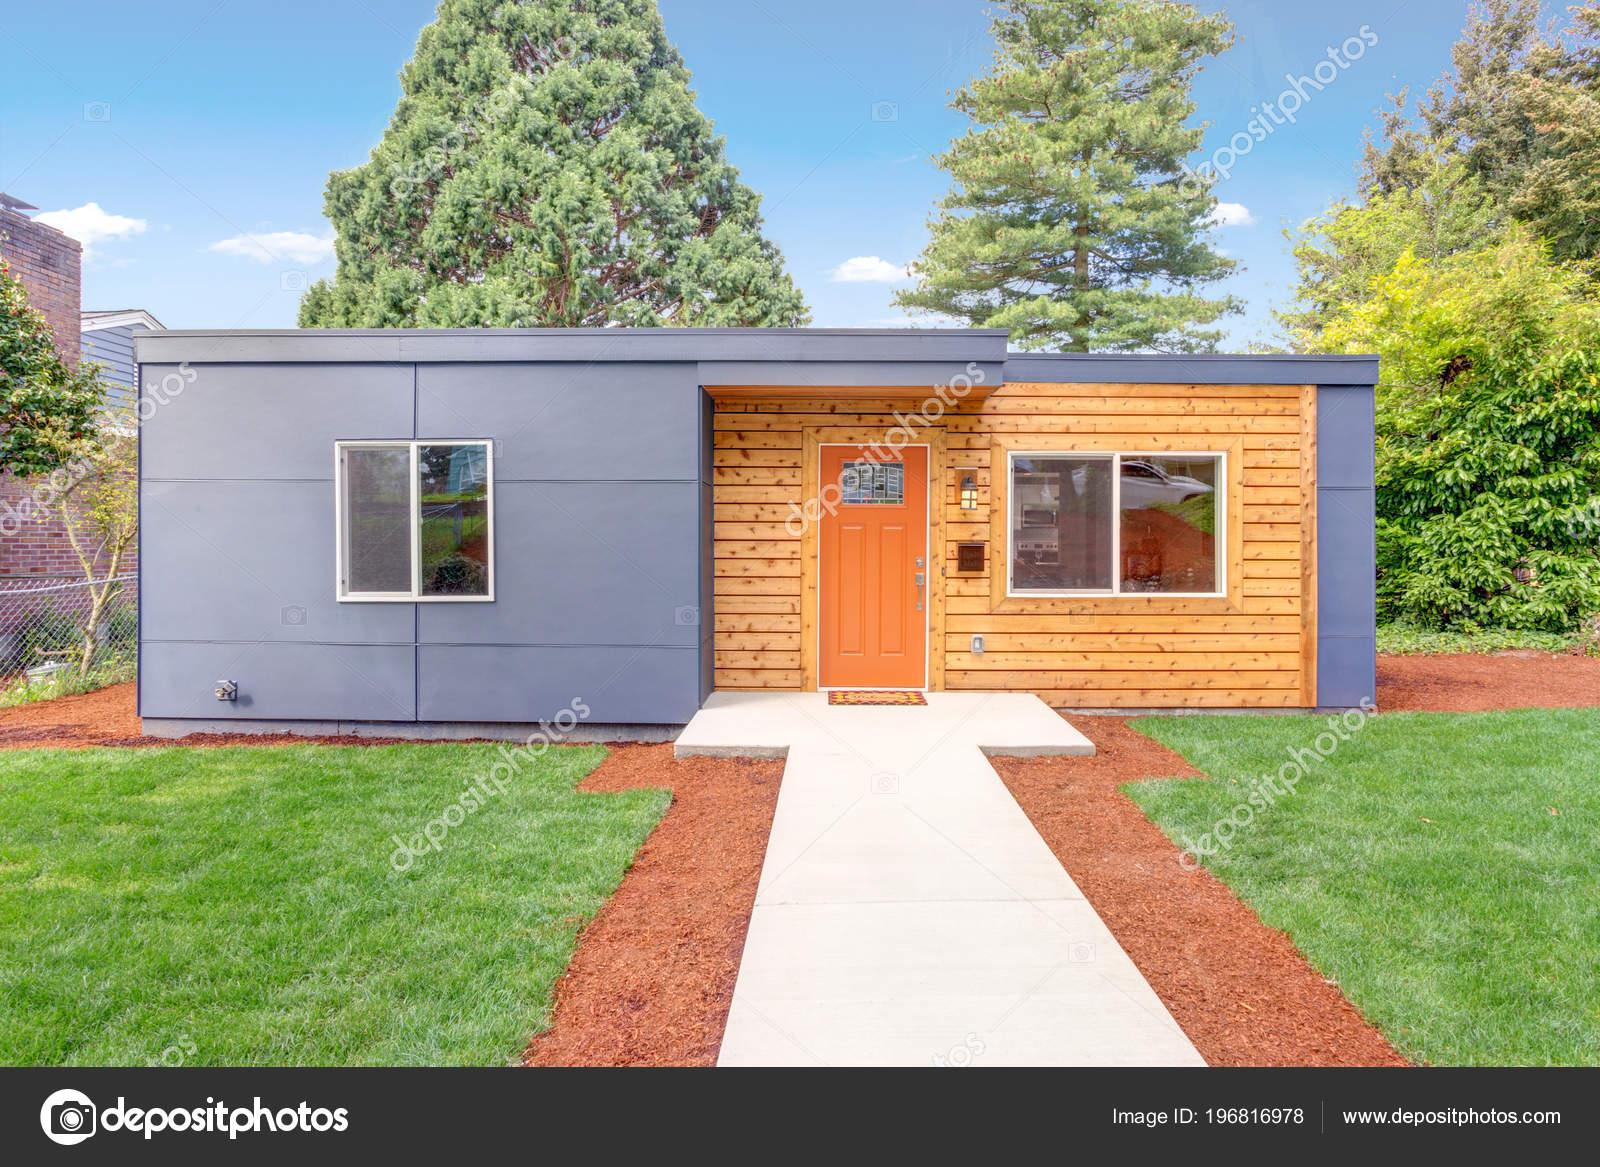 Rivestimento Casa In Legno : Esterno della casa ben ristrutturata con rivestimenti legno u foto